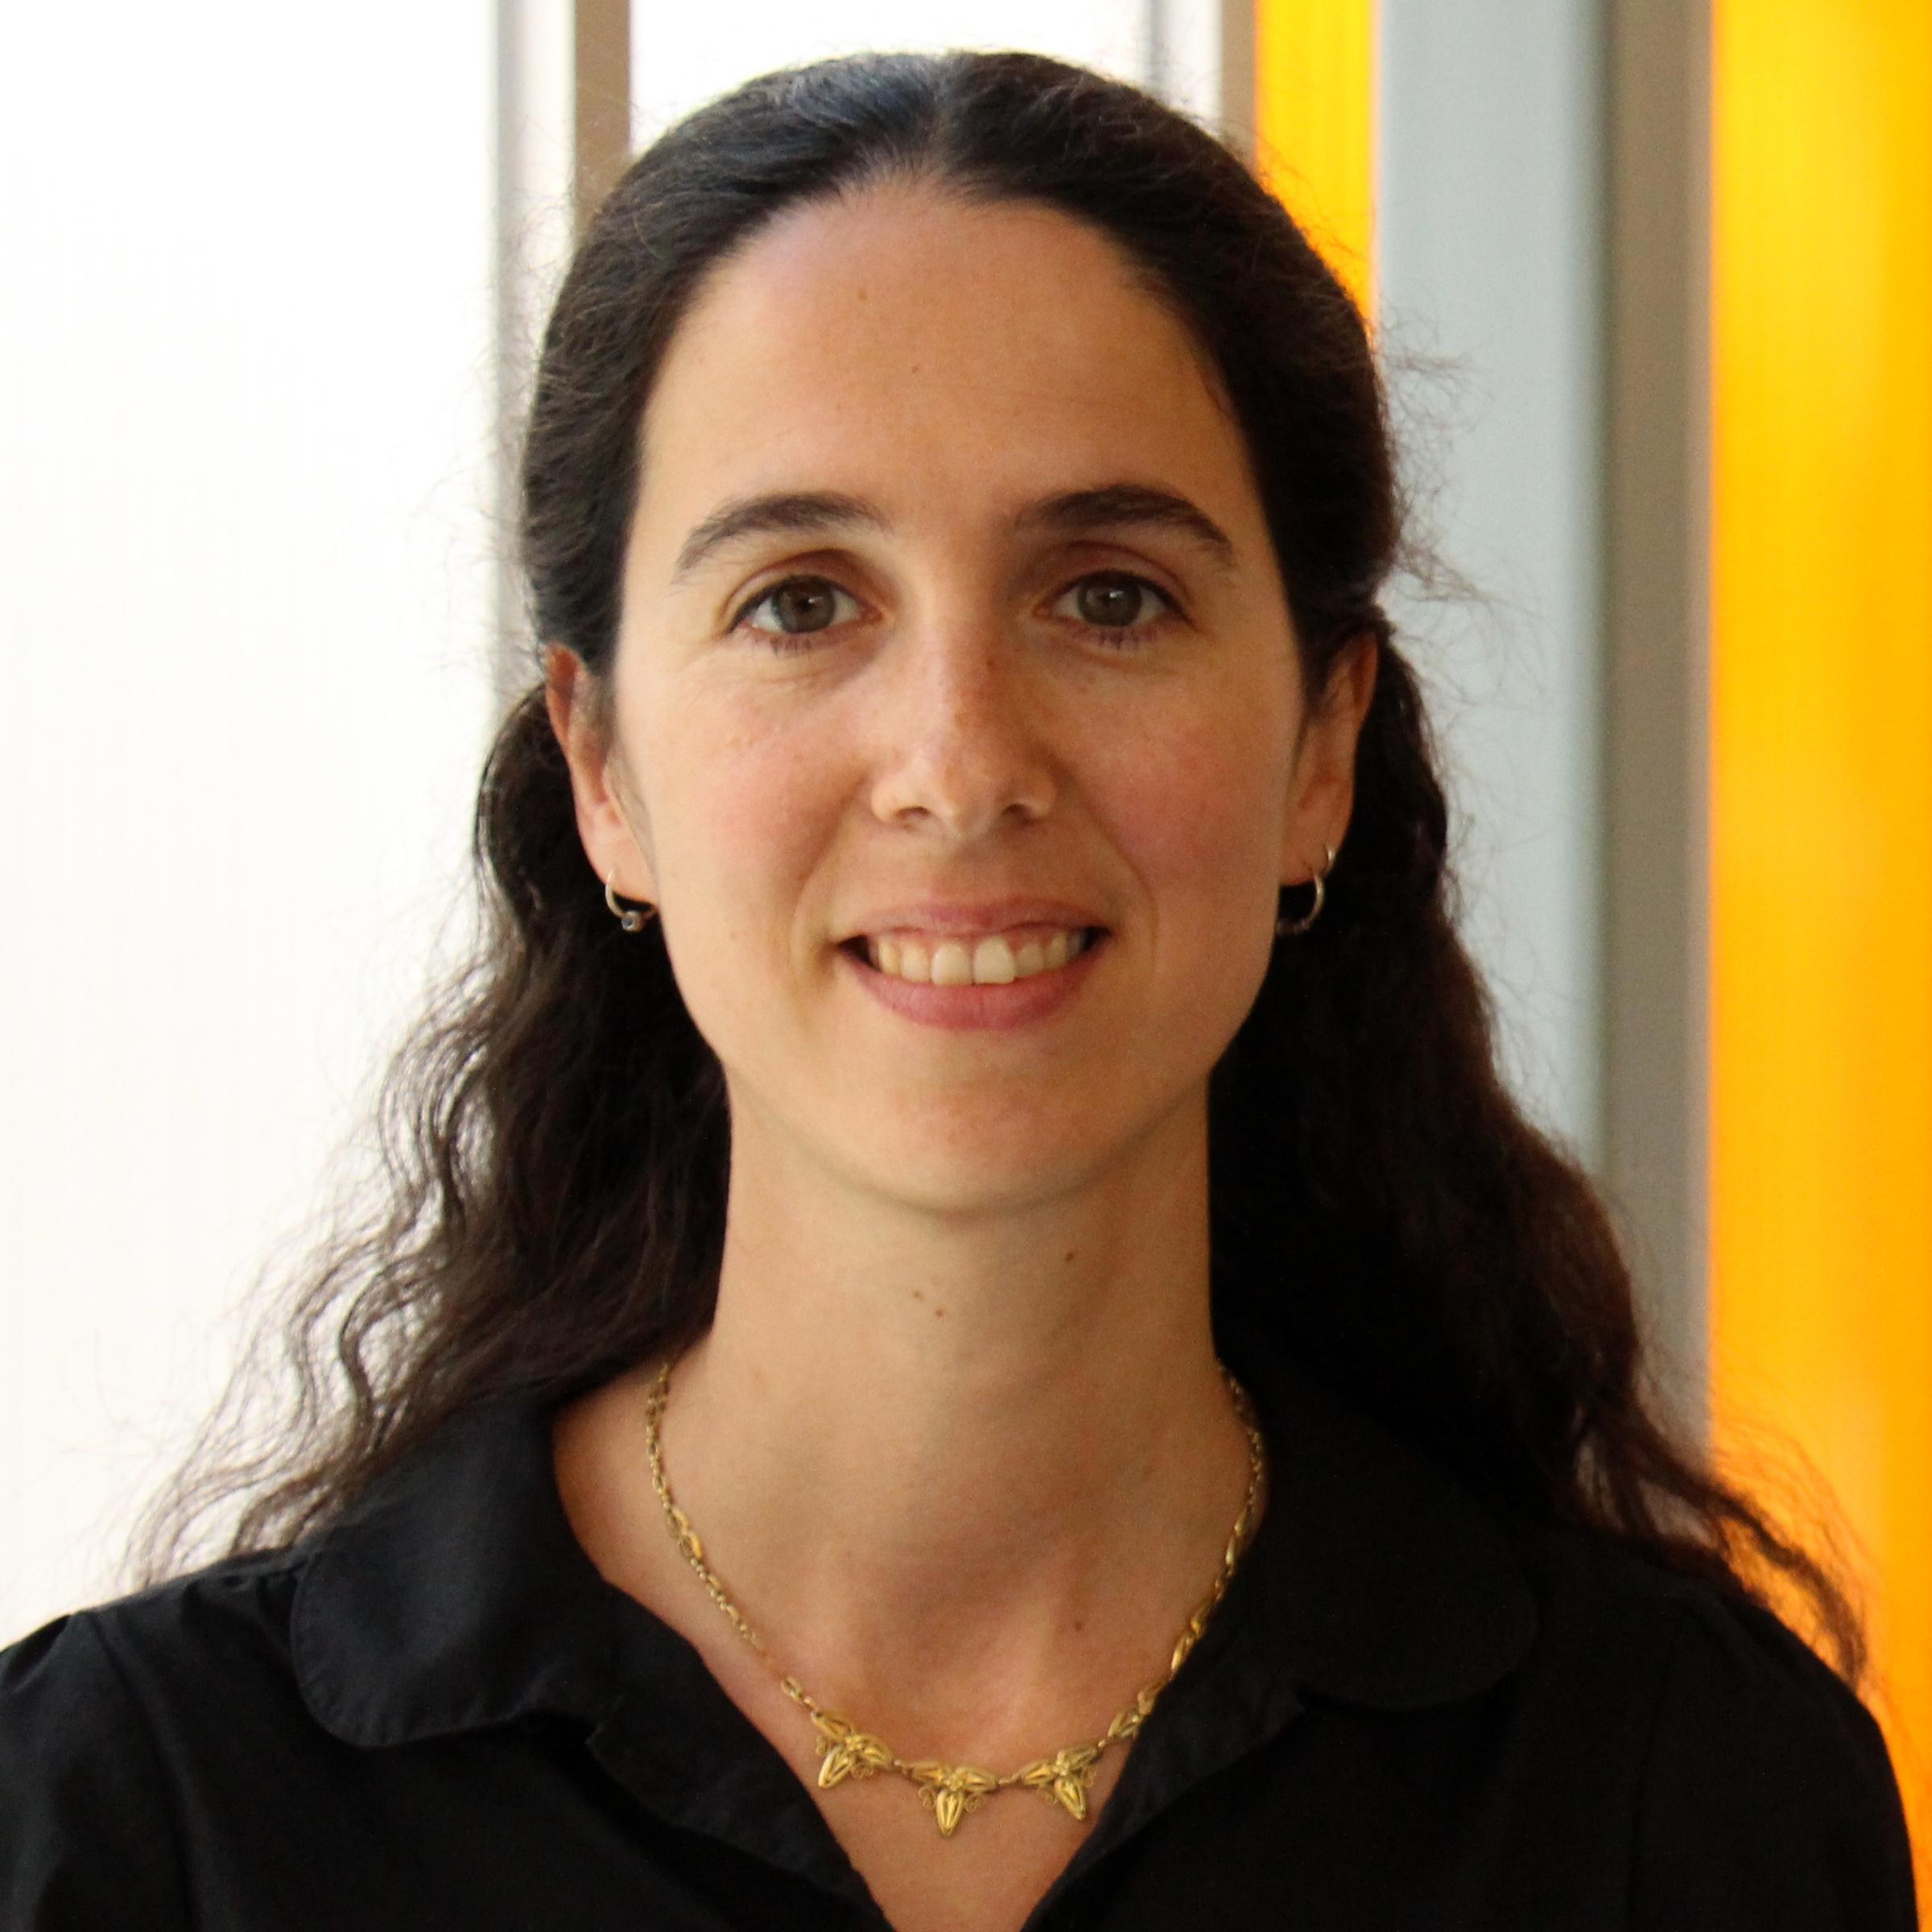 Dr. Portales-Casamar